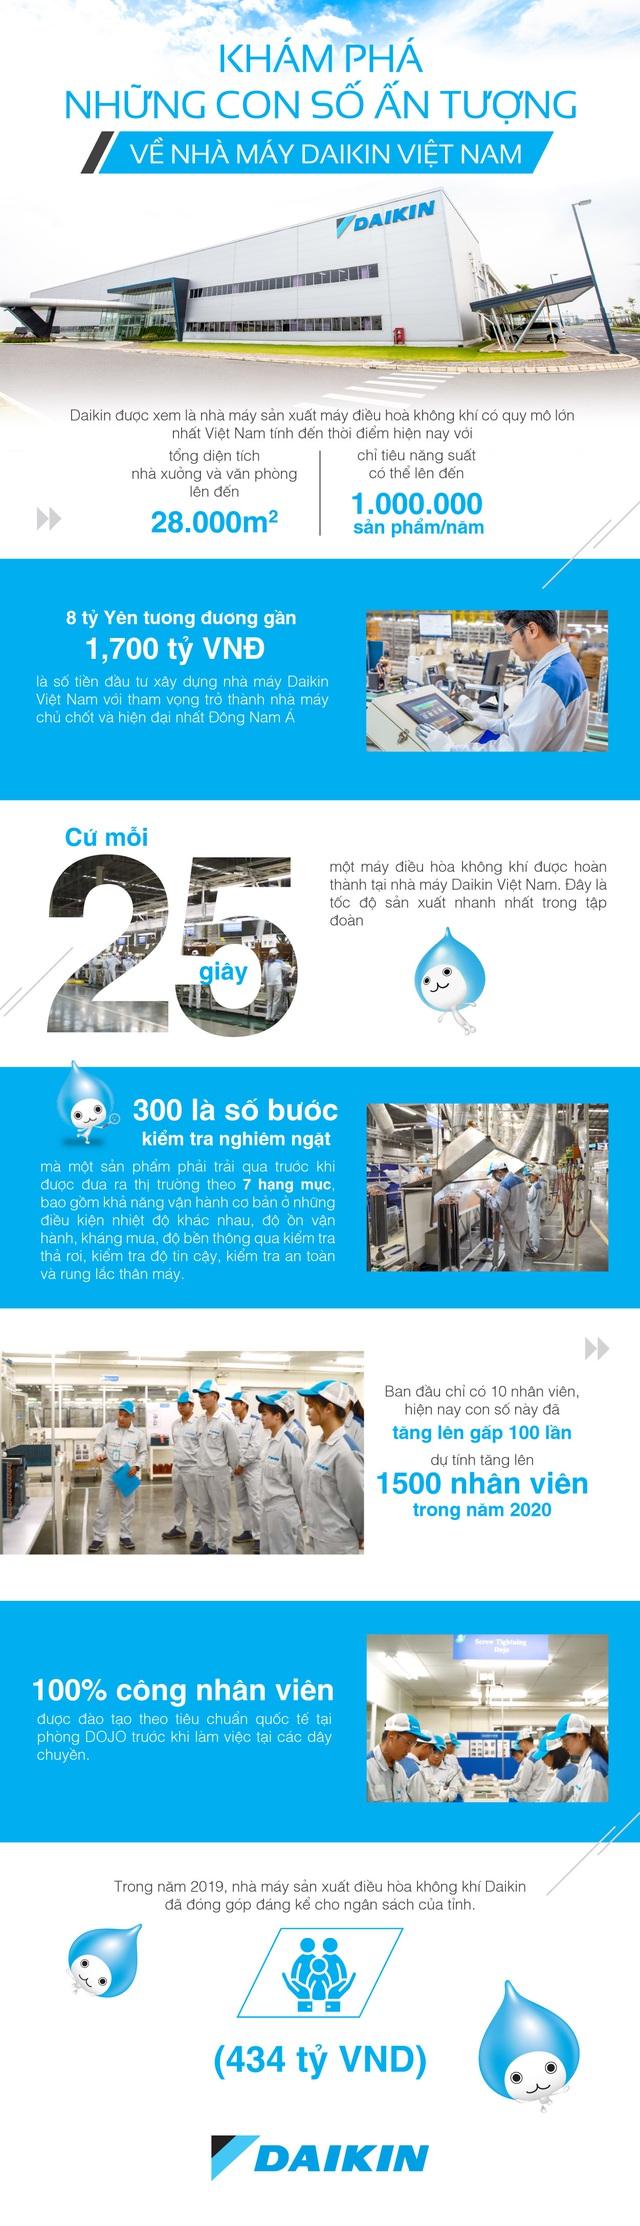 Khám phá những con số ấn tượng về nhà máy Daikin Việt Nam - Ảnh 1.